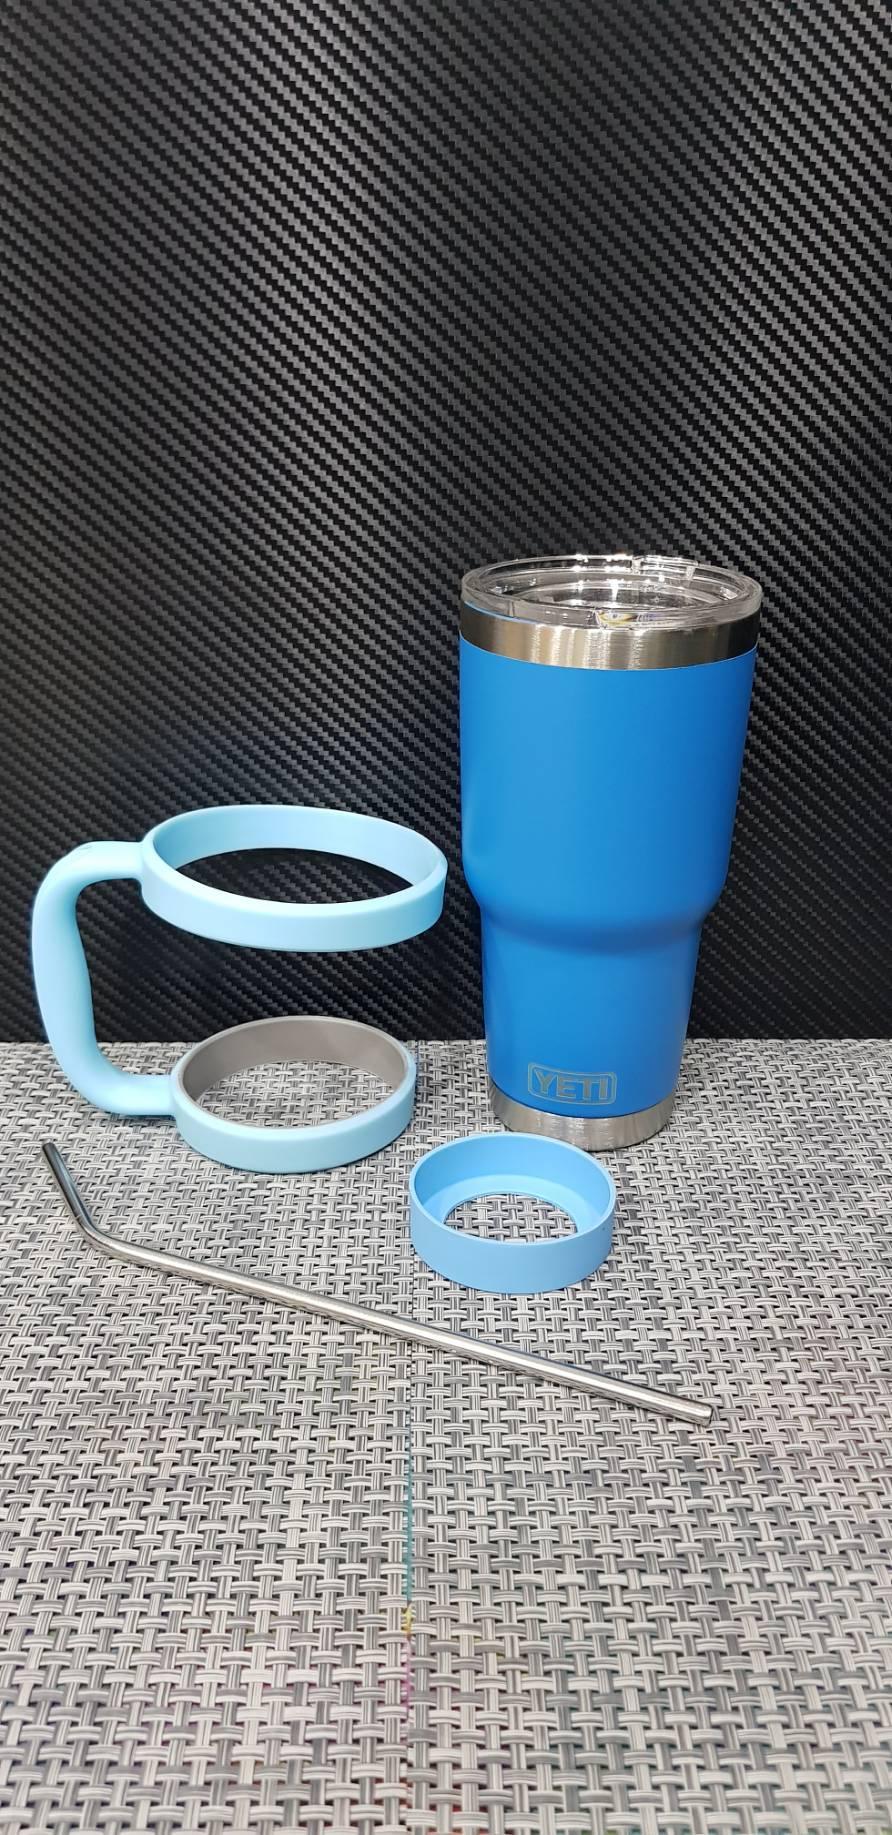 ชุดแก้วเยติ 30 ออนซ์ พื้นสีฟ้า ขอบเงิน